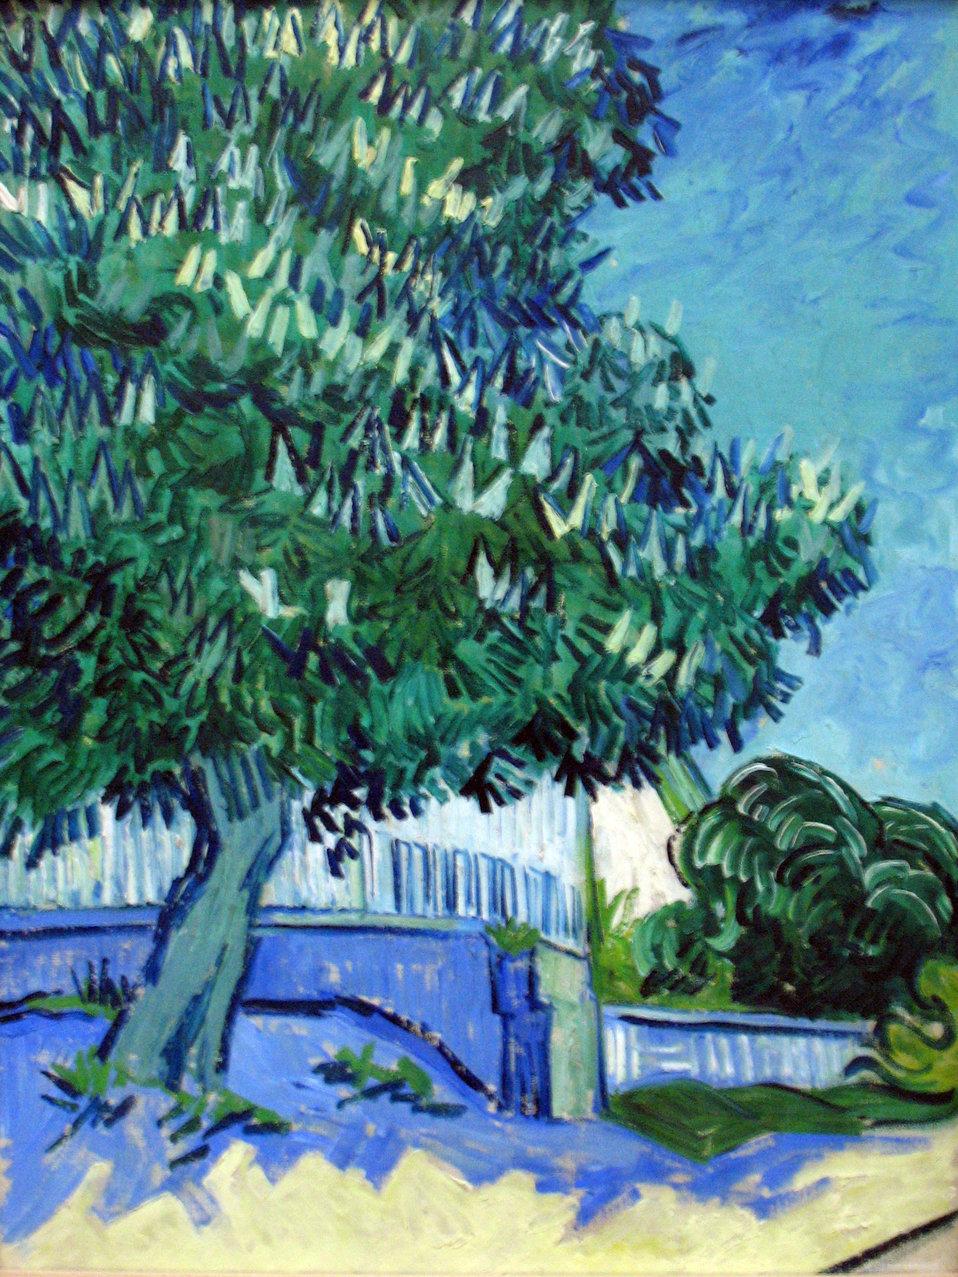 Blossoming chestnut trees Deutsch:  Blühende Kastanienbäume Nederlands:  Bloeiende kastanjebomen Русский:  Цветущие каштаны